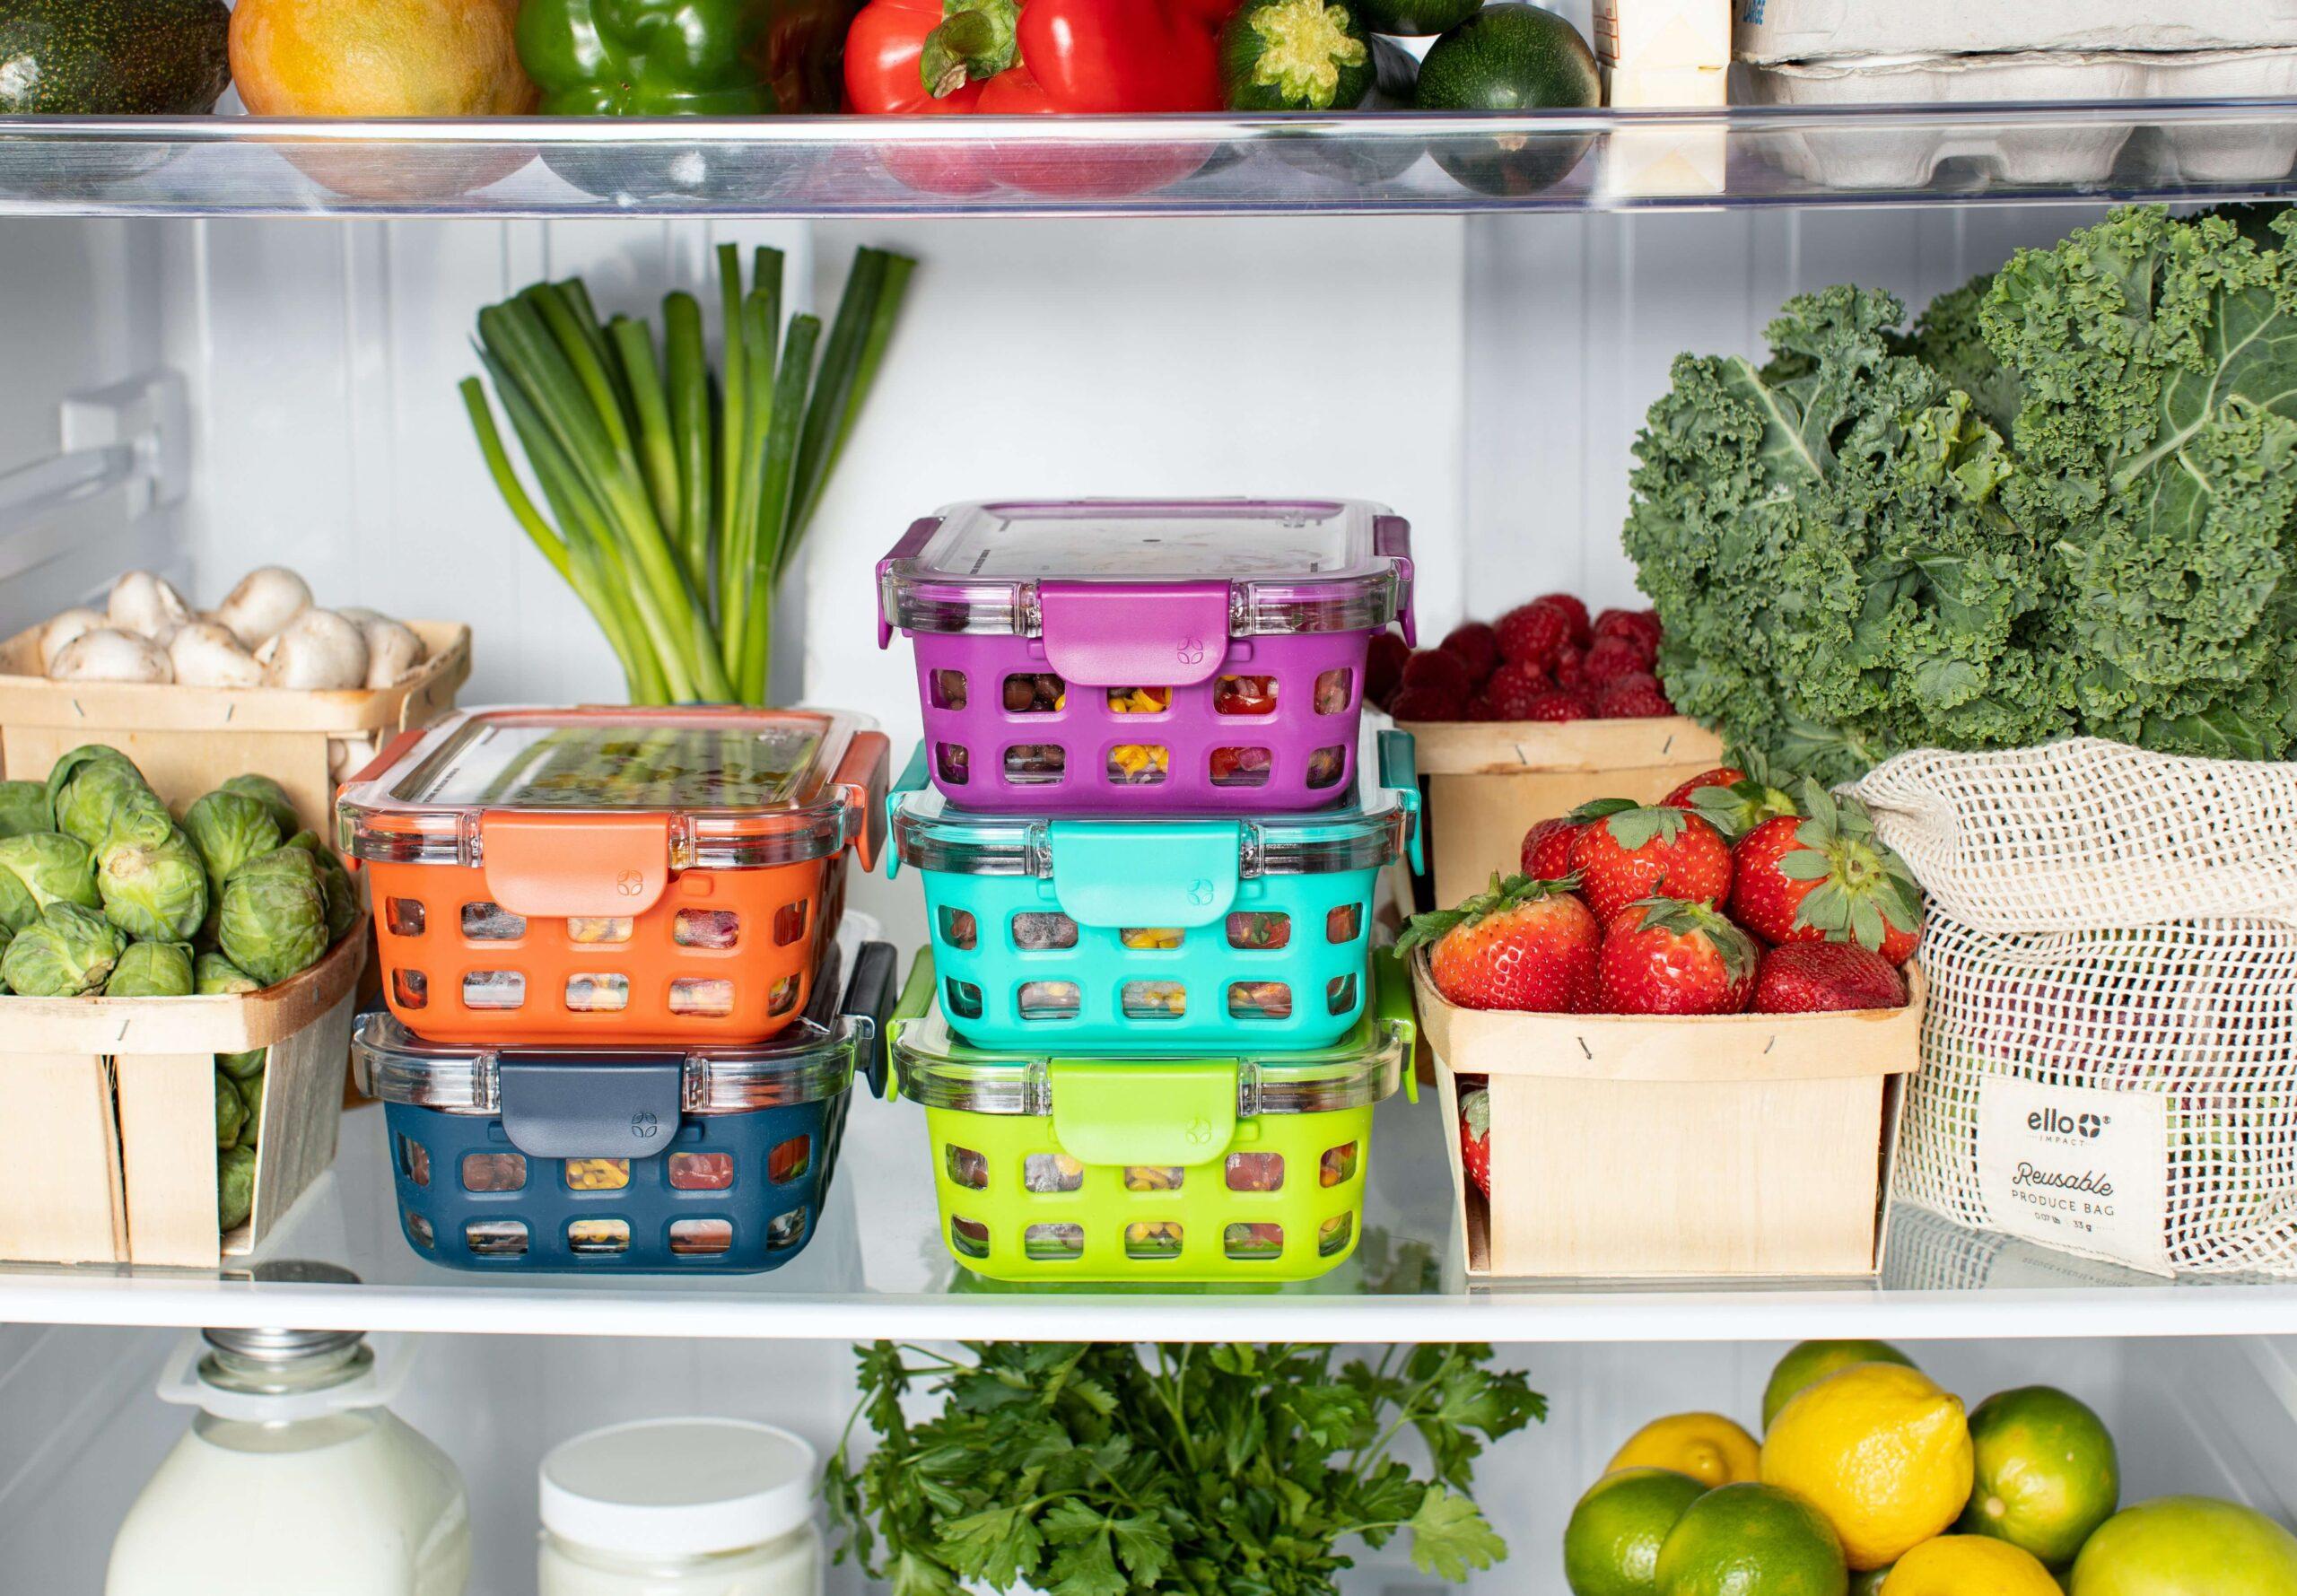 zdrowa żywność w lodówce